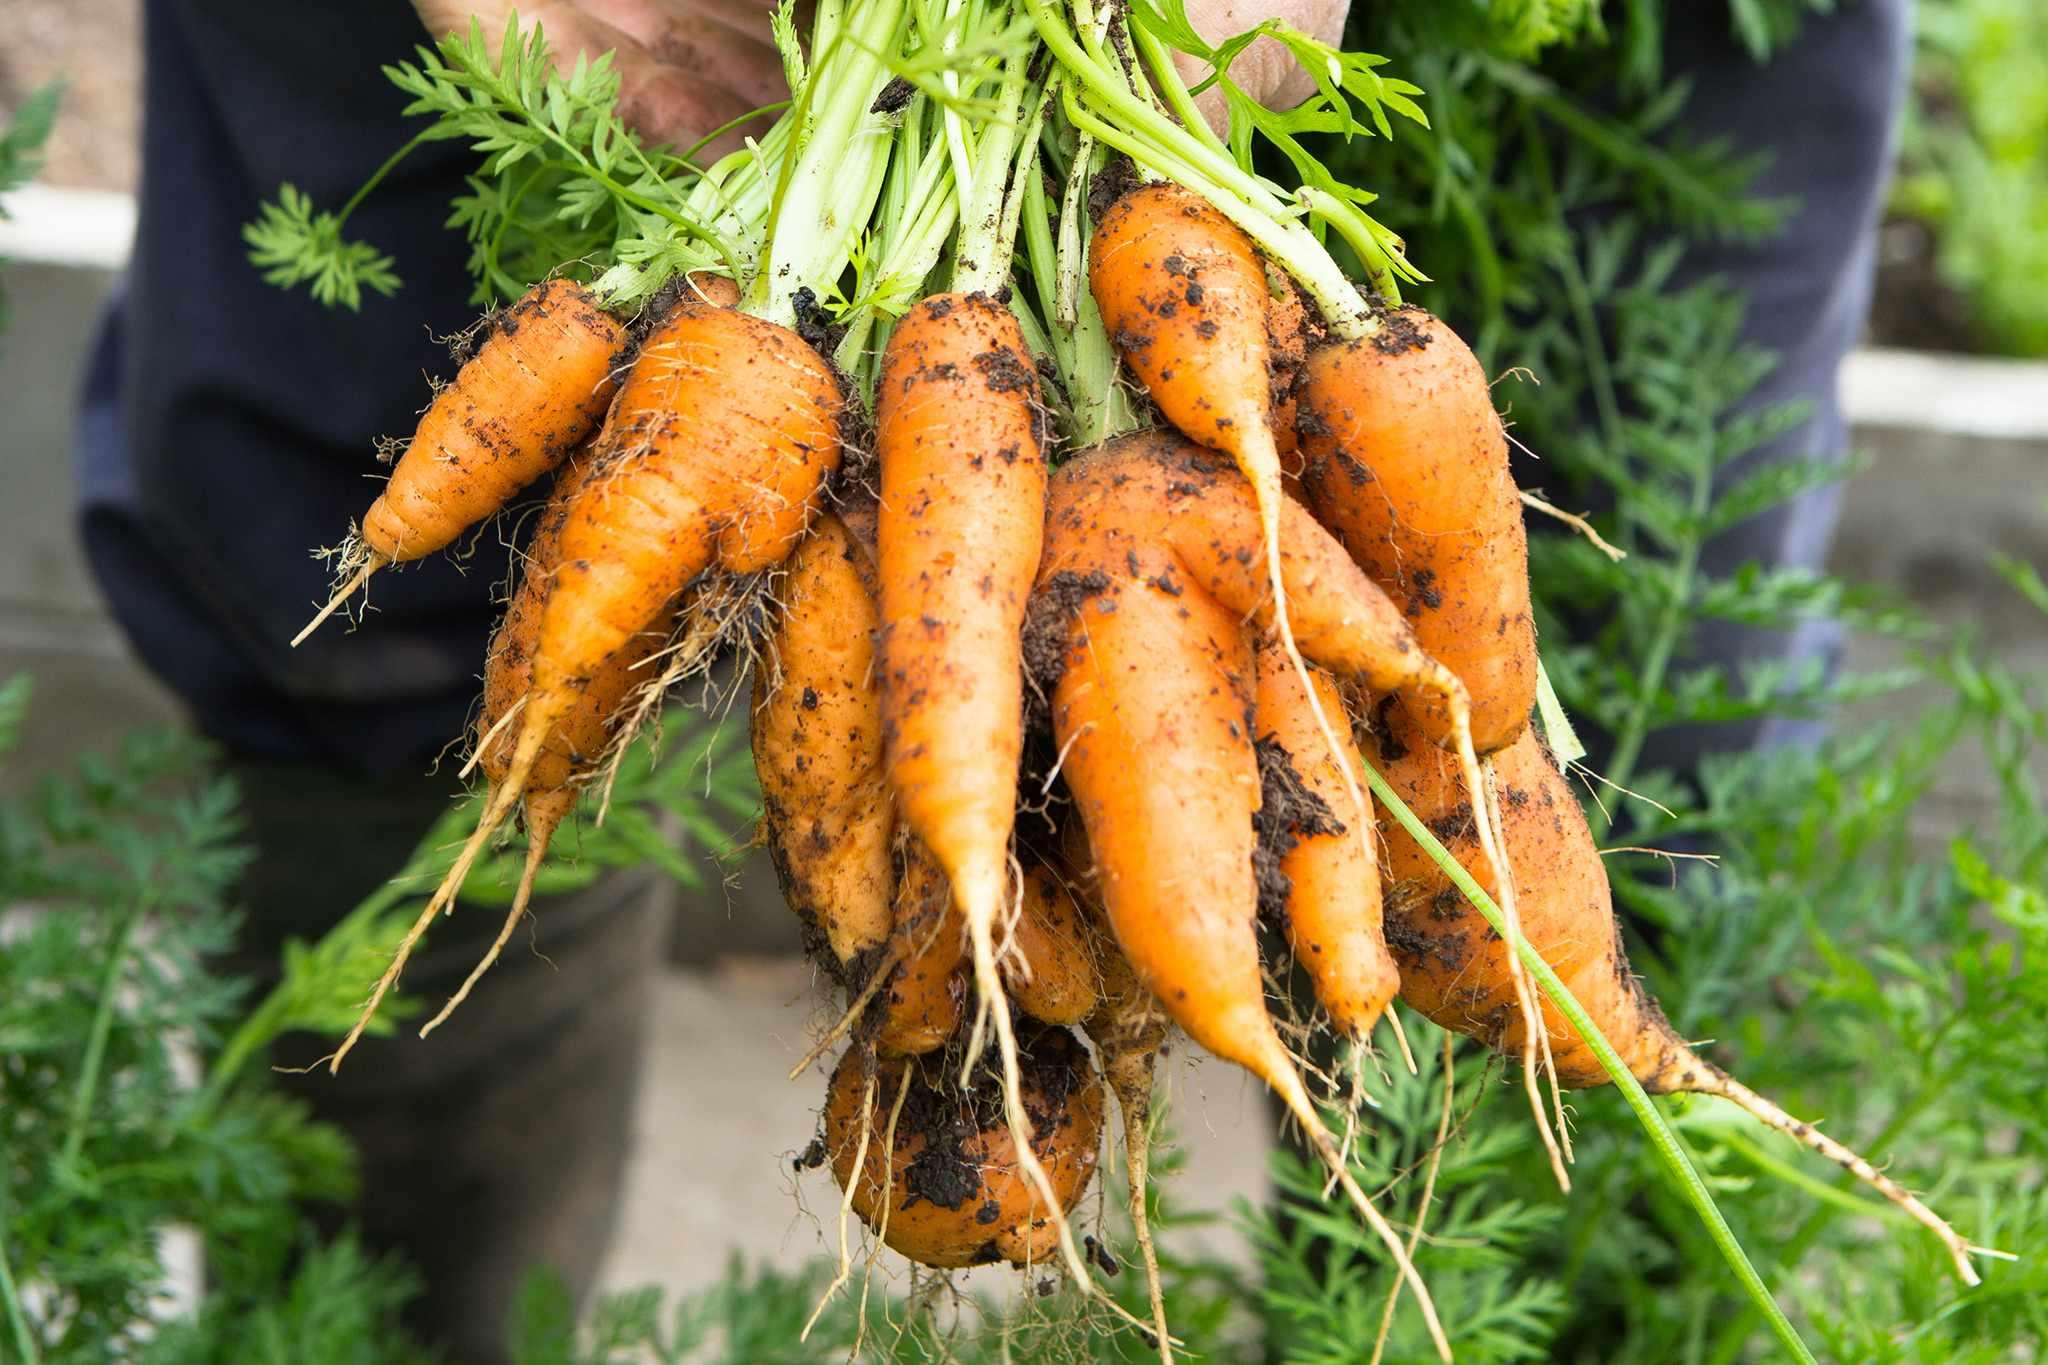 Best winter veg to grow - carrots